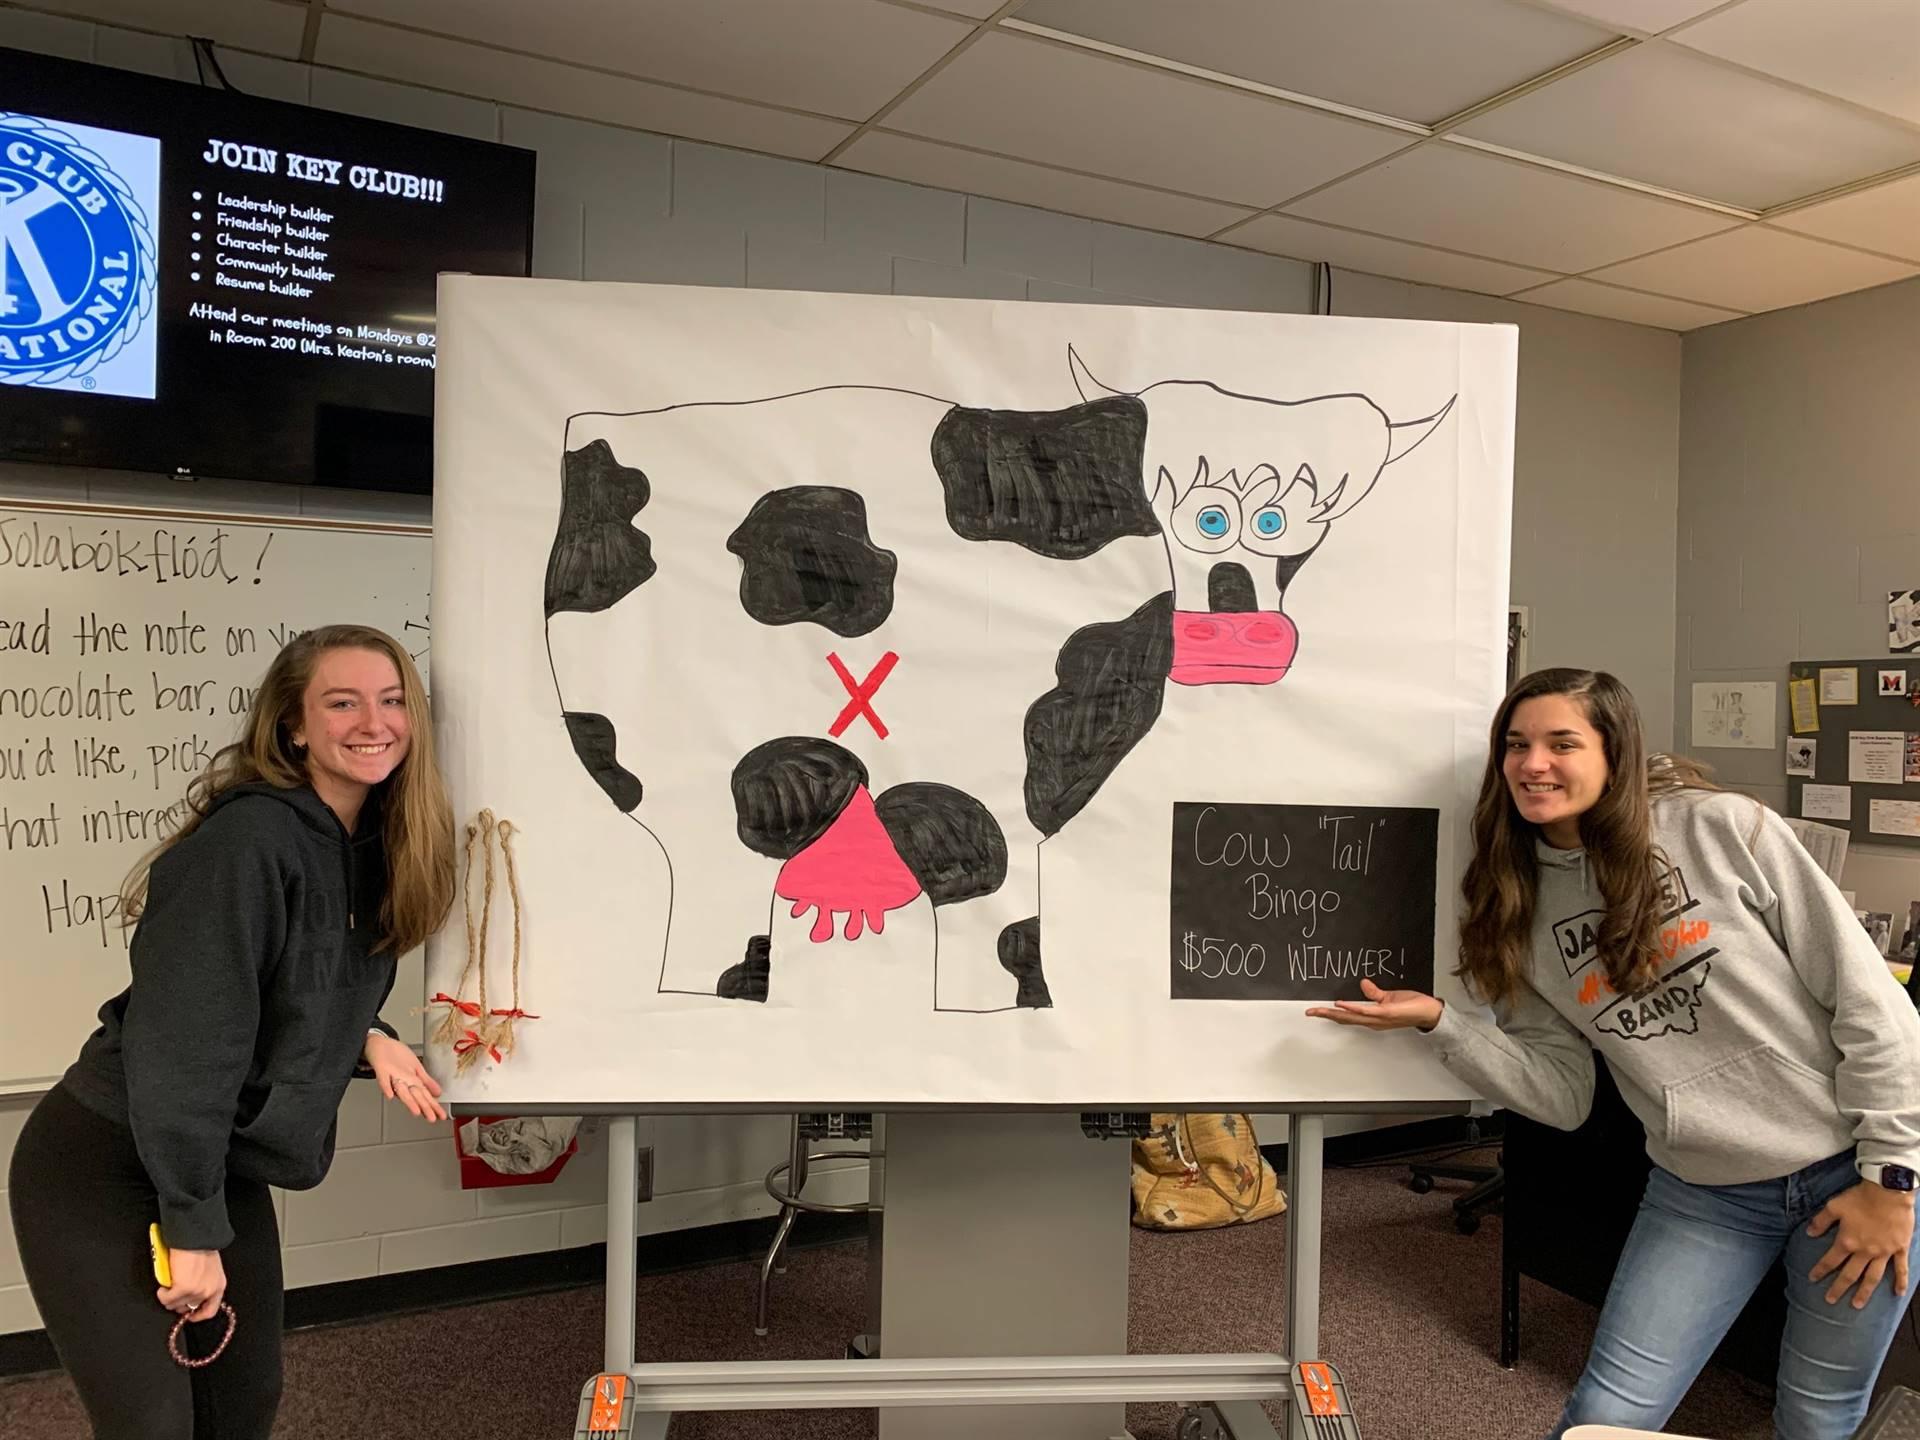 Ali and Abba preparing for Cow Tale Bingo